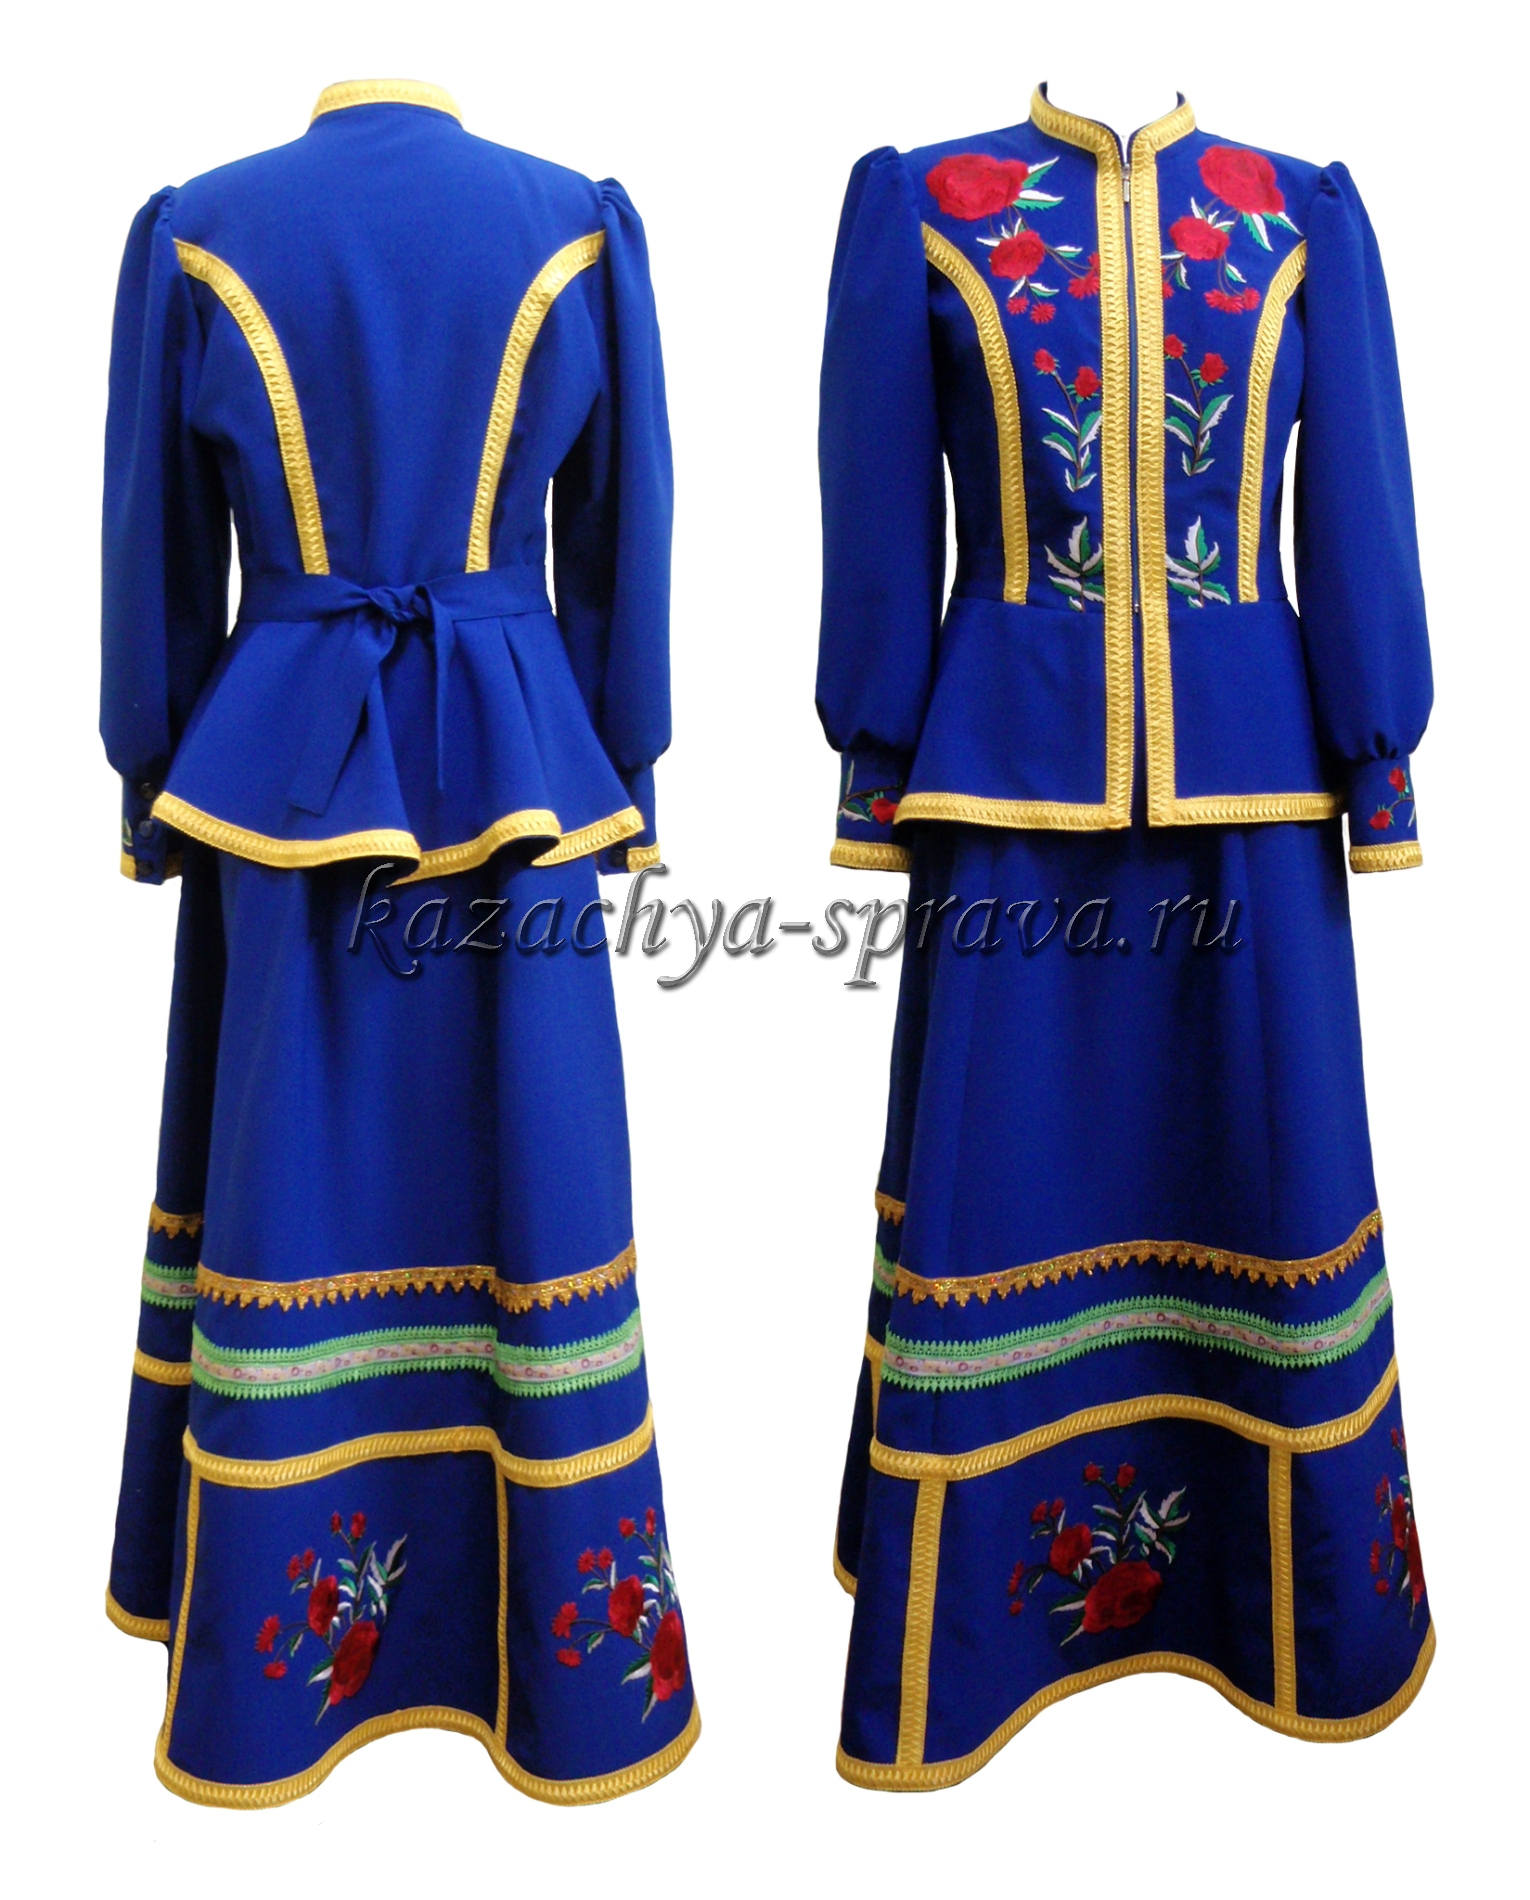 Одежда Казачья Женская Купить